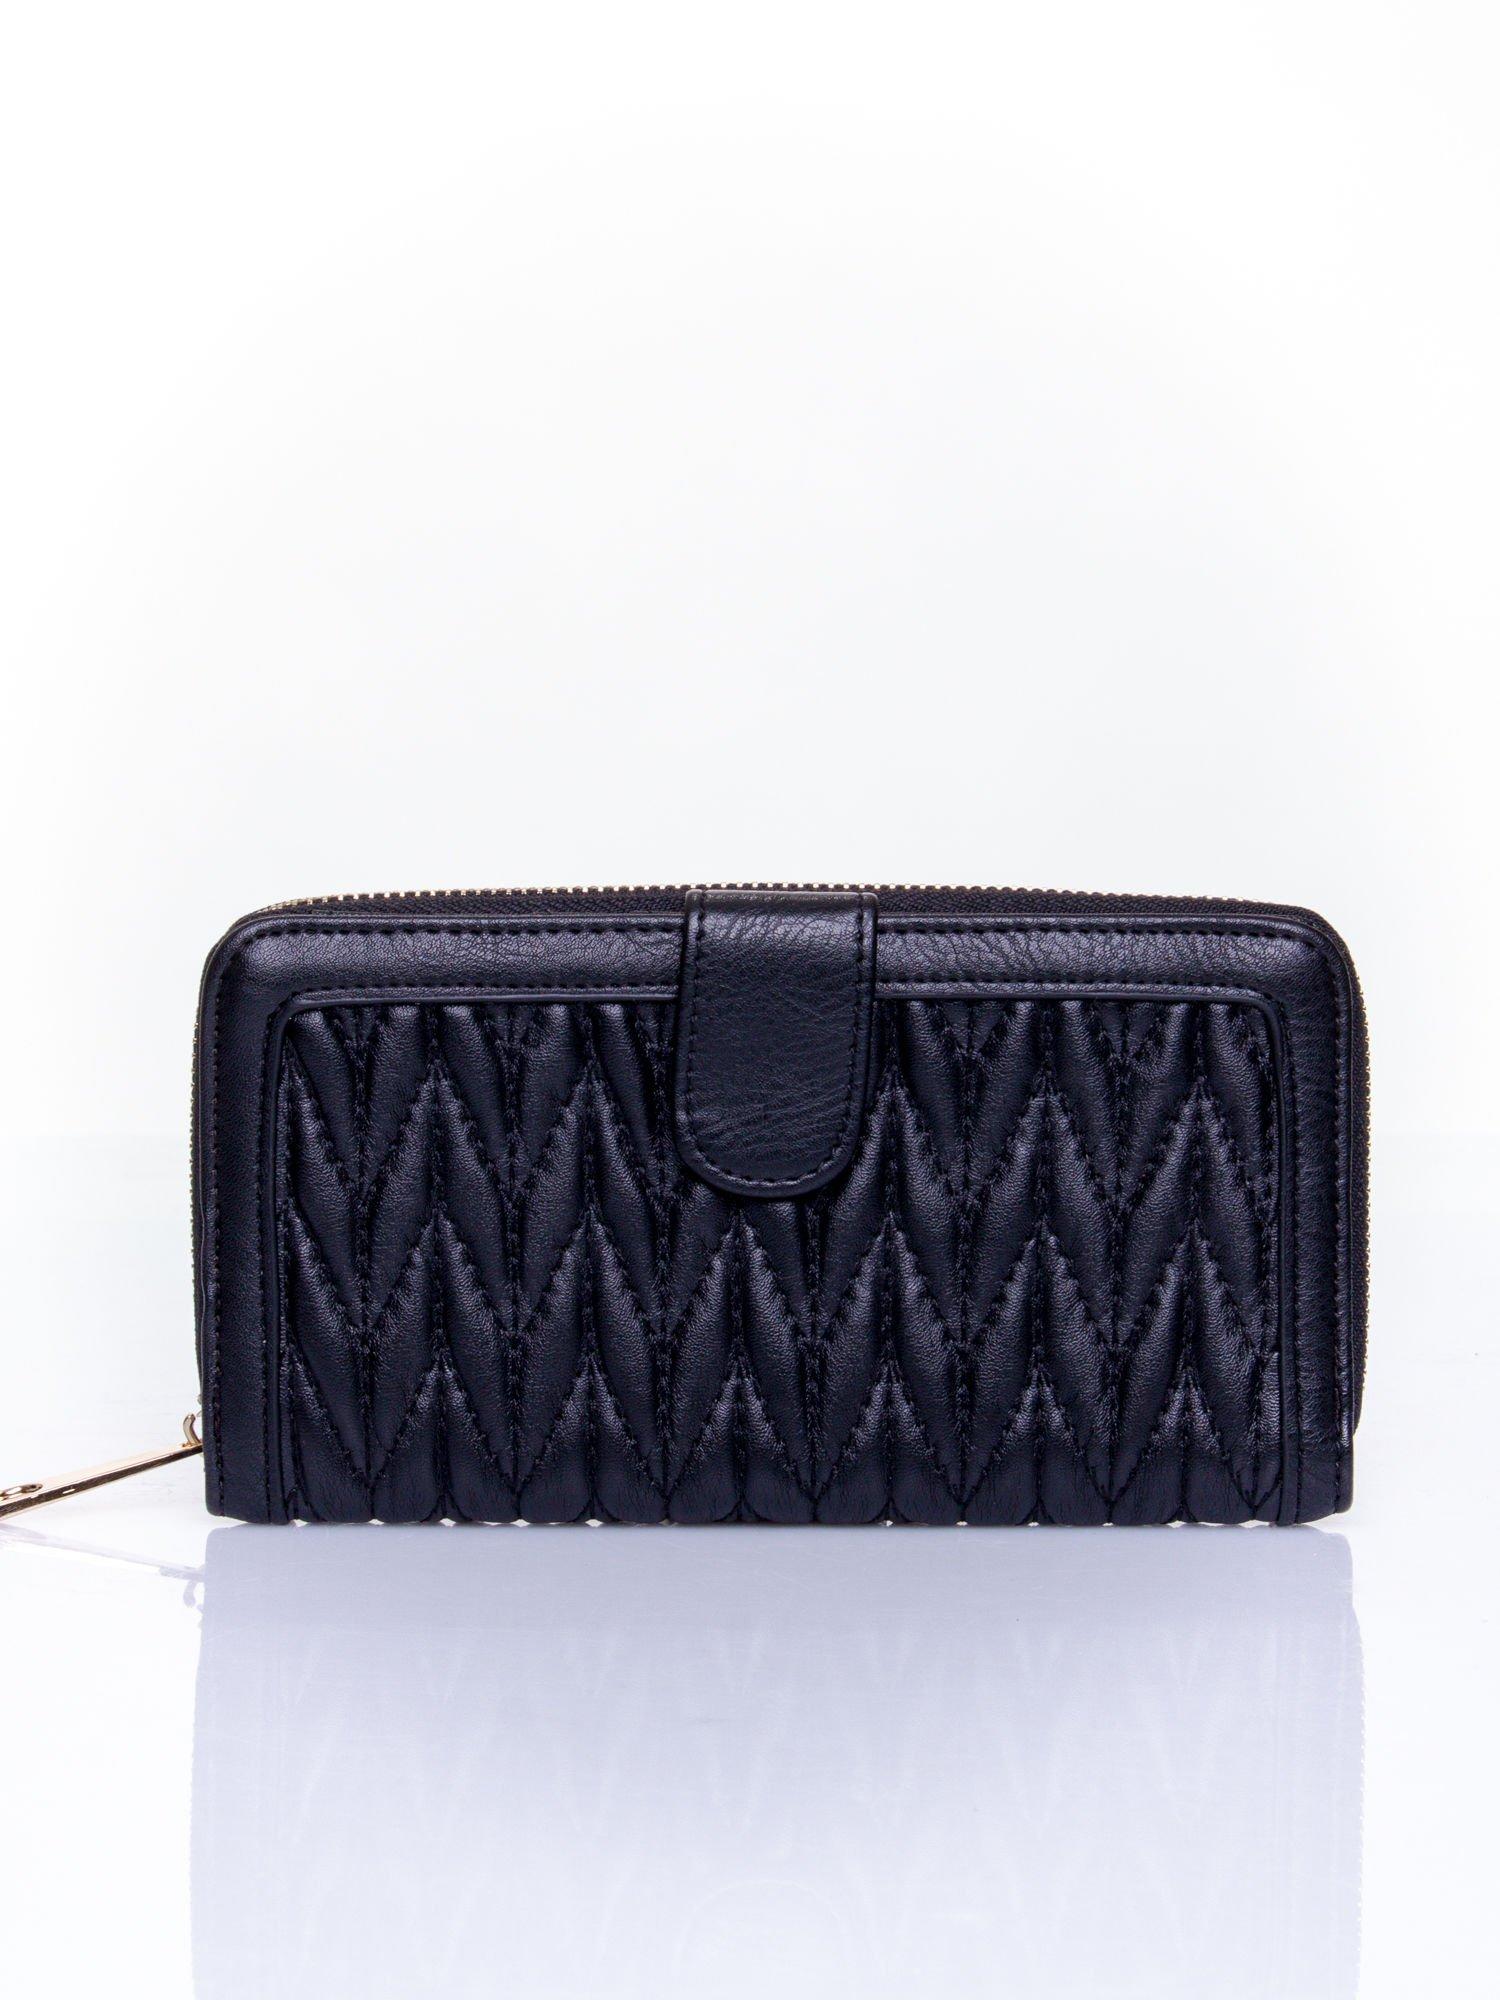 Czarny pikowany portfel ze złotym suwakiem                                  zdj.                                  1